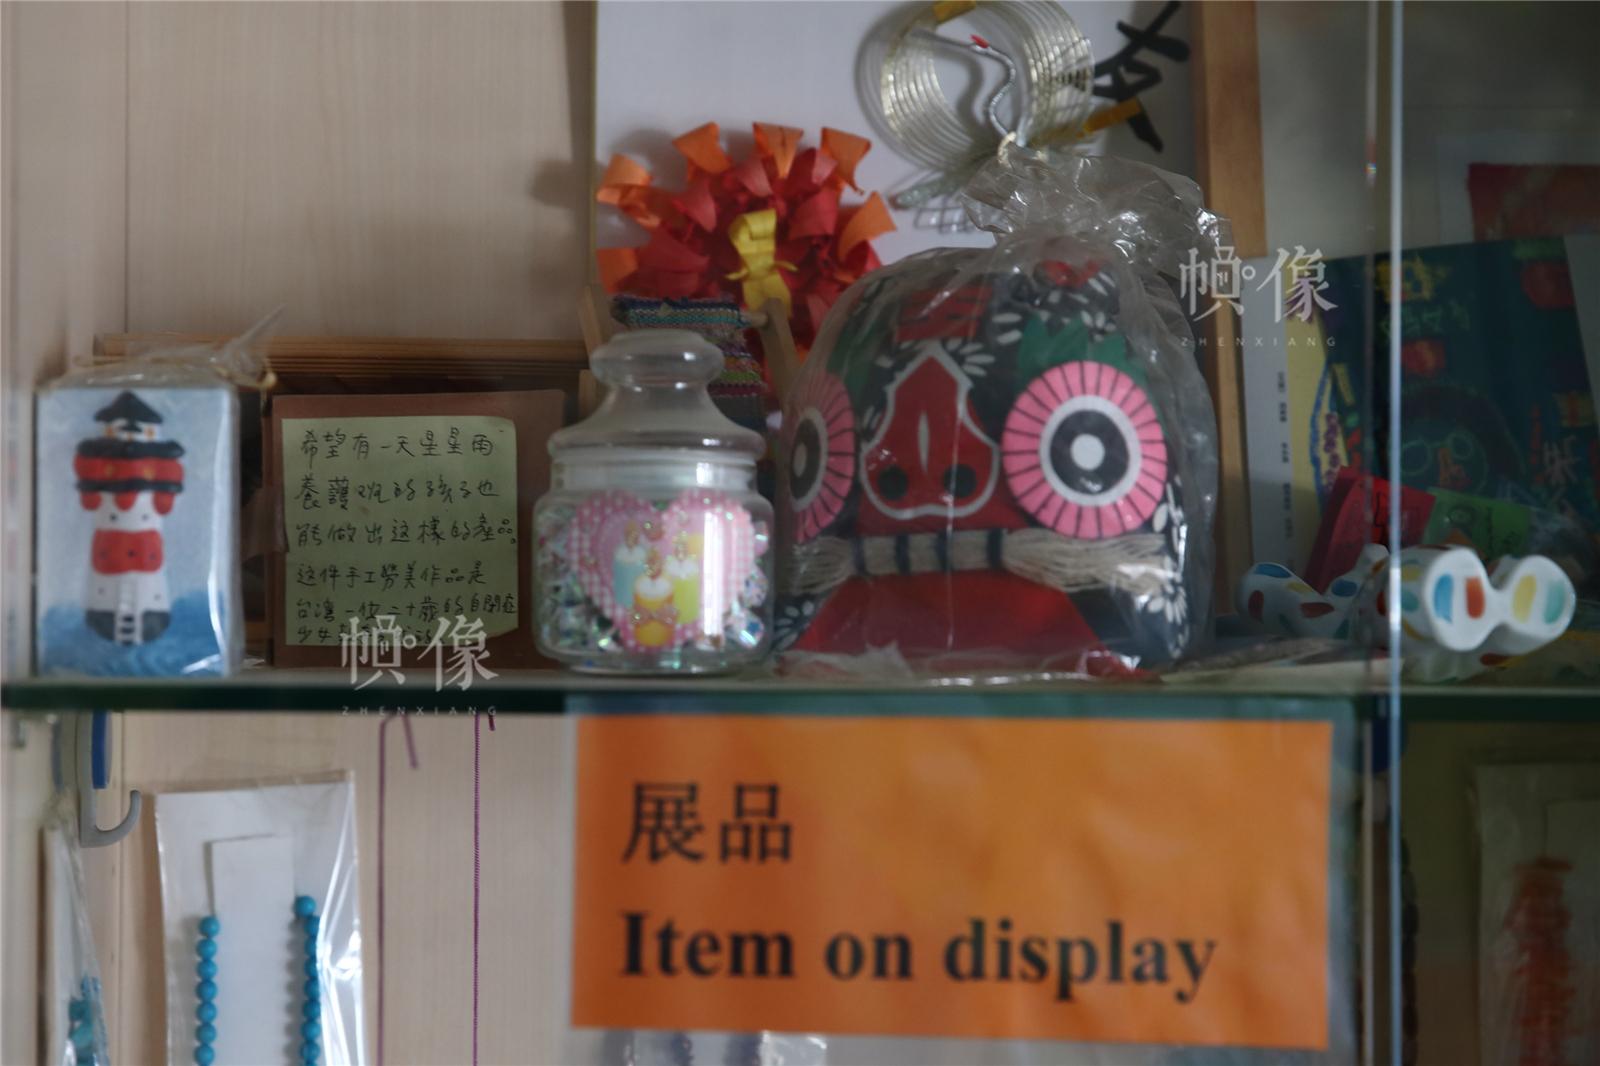 2017年3月27日,北京星星雨教育研究所,展櫃裏擺放著一些自閉症孩子的手工作品。中國網記者陳維松 攝